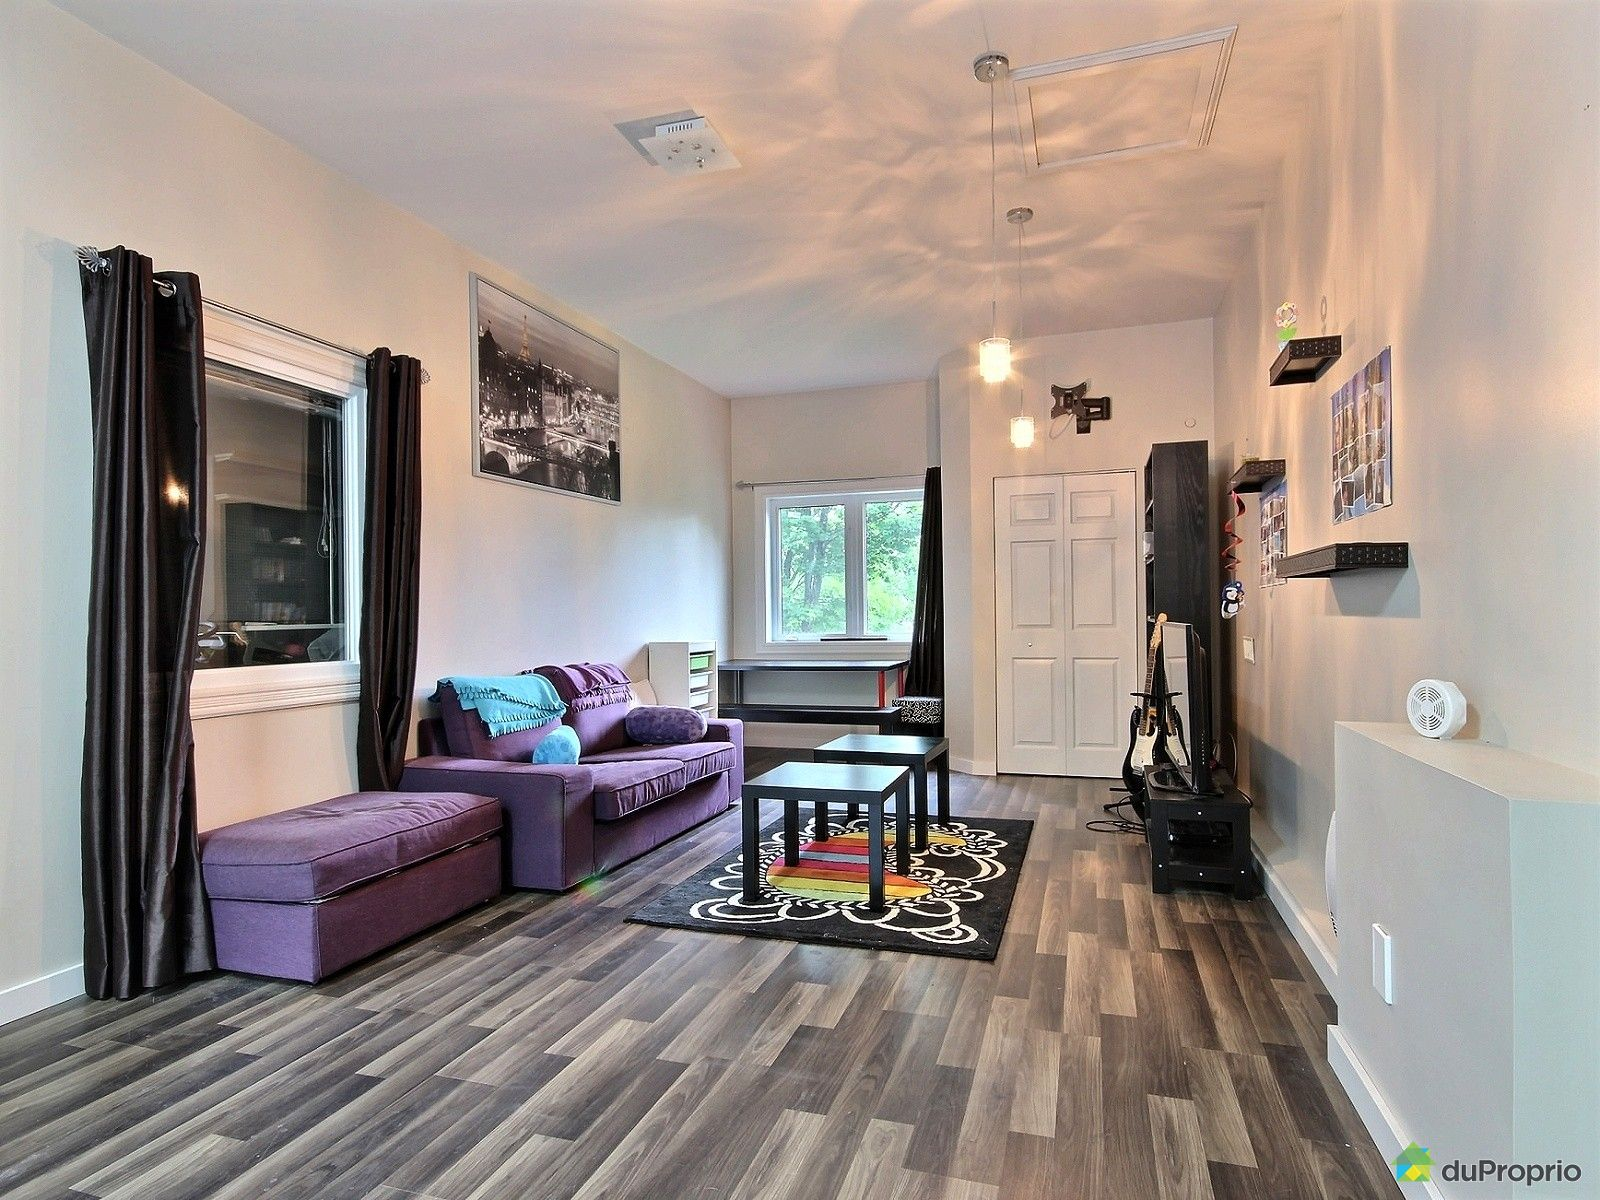 bungalow sur lev vendu mont laurier immobilier qu bec duproprio 525540. Black Bedroom Furniture Sets. Home Design Ideas